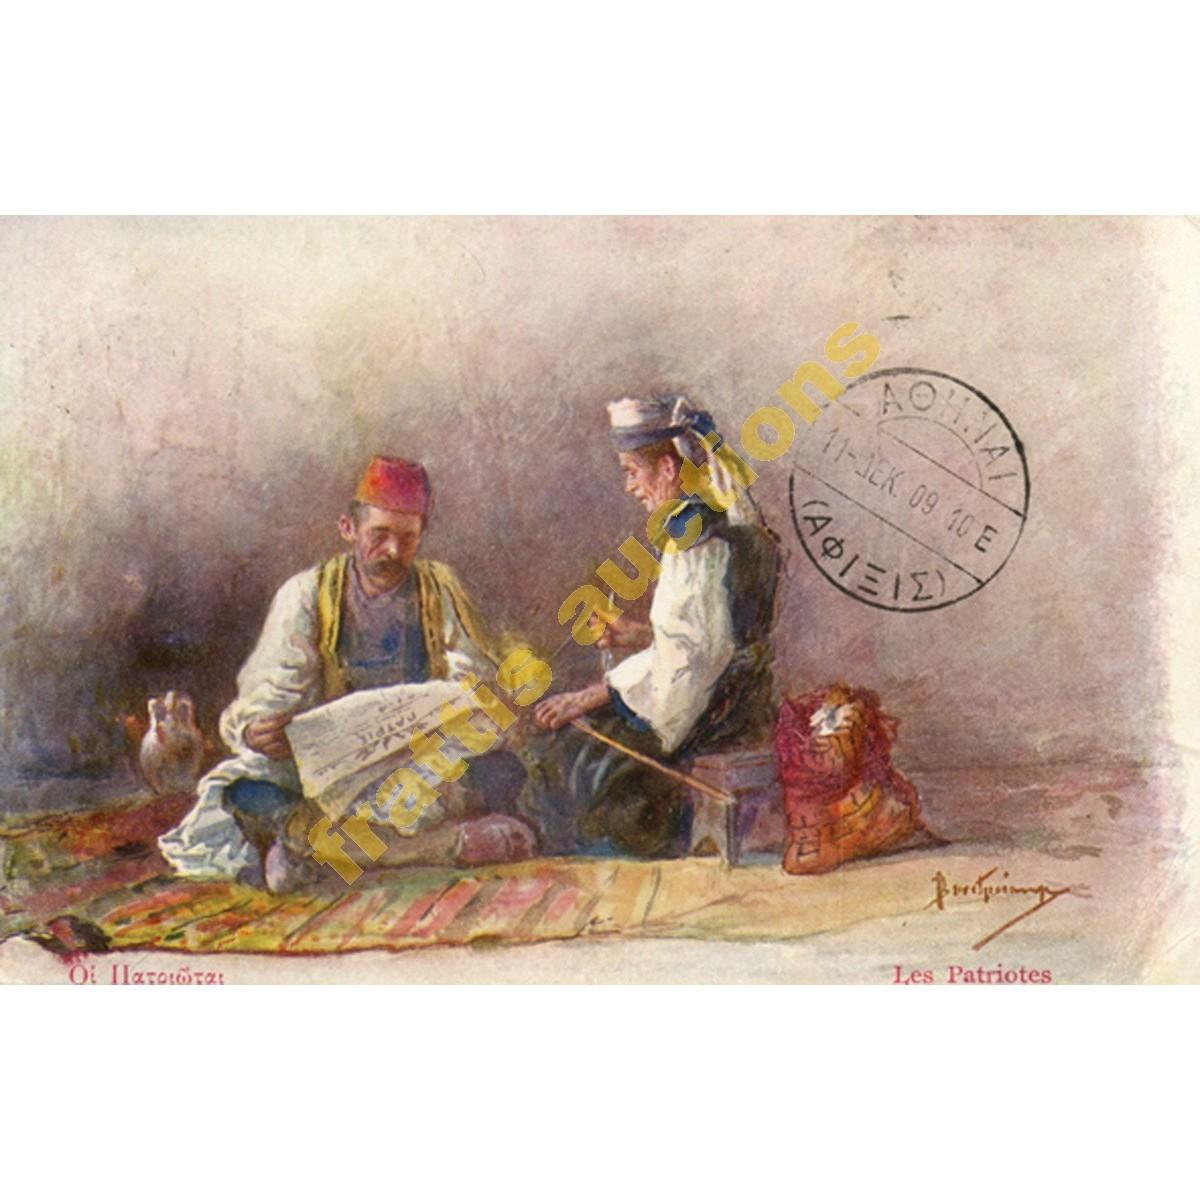 ΟΙ ΠΑΤΡΙΩΤΑΙ. Χρωμοτυπολιθογραφείον Αδελφών Γ. Ασπιώτη. Ταχ. 1909.